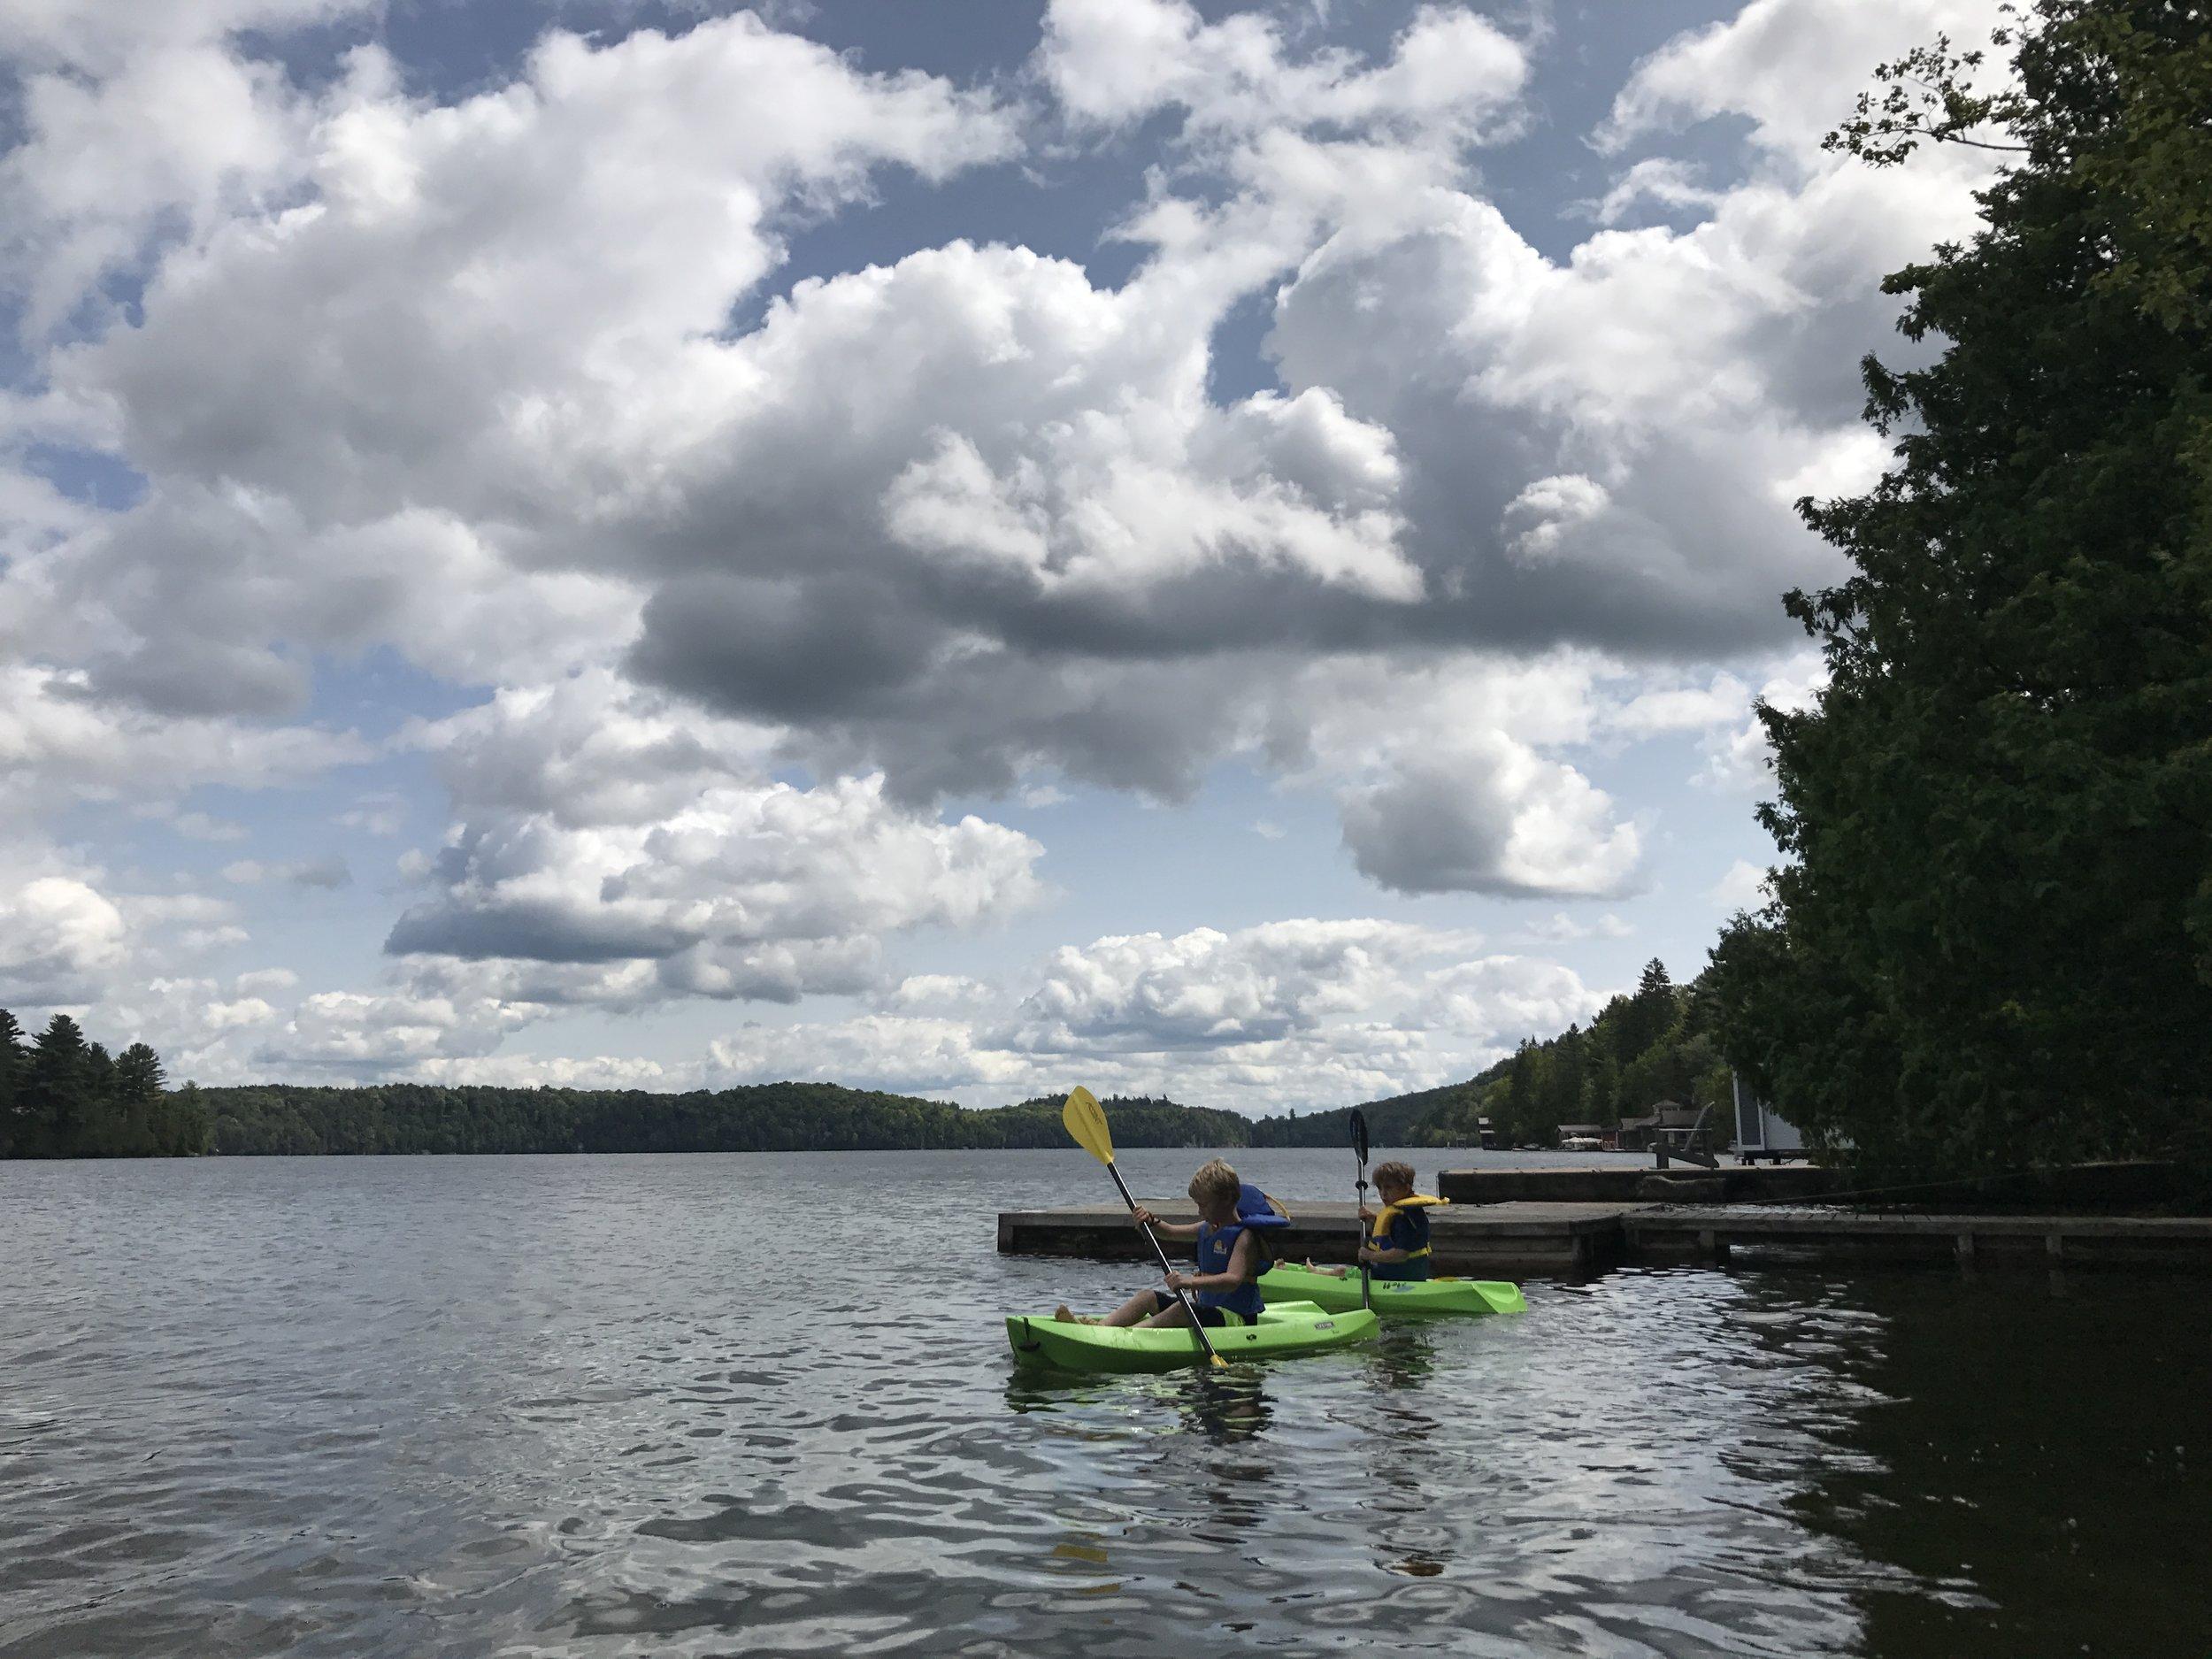 Kayaking buddies paddling Meech Lake.